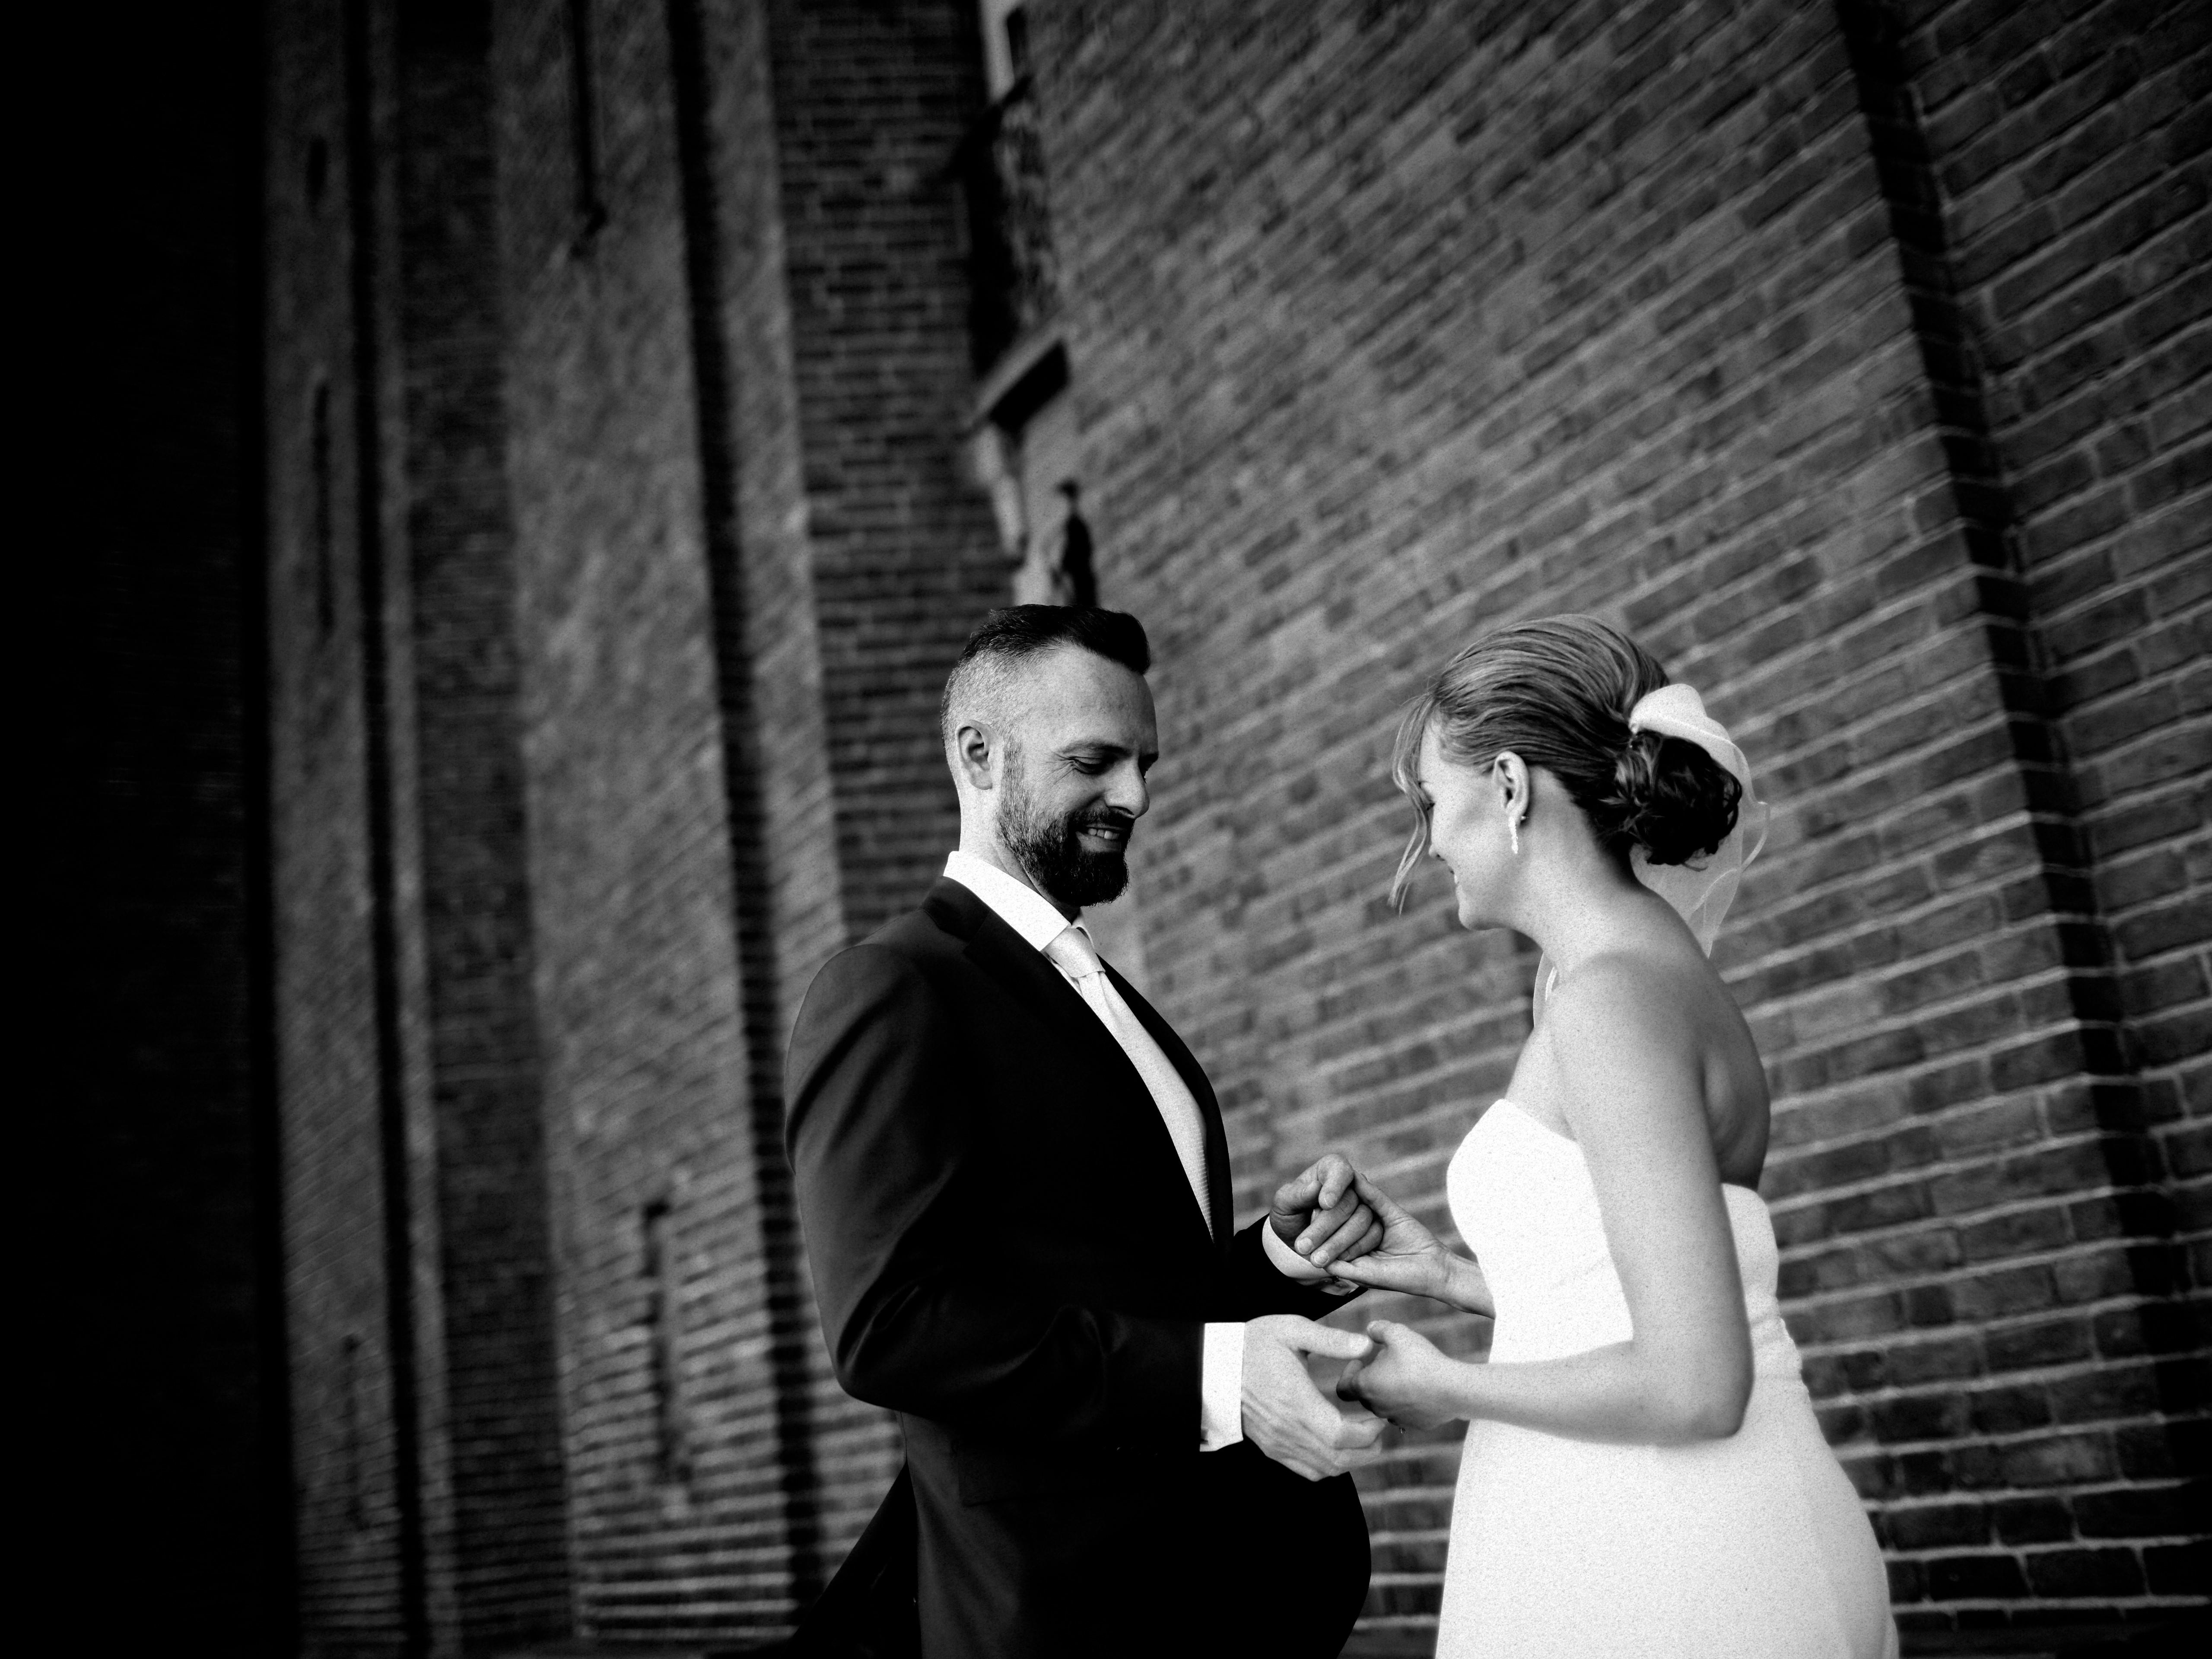 Bröllopsporträtt 2 - Chris & Ann